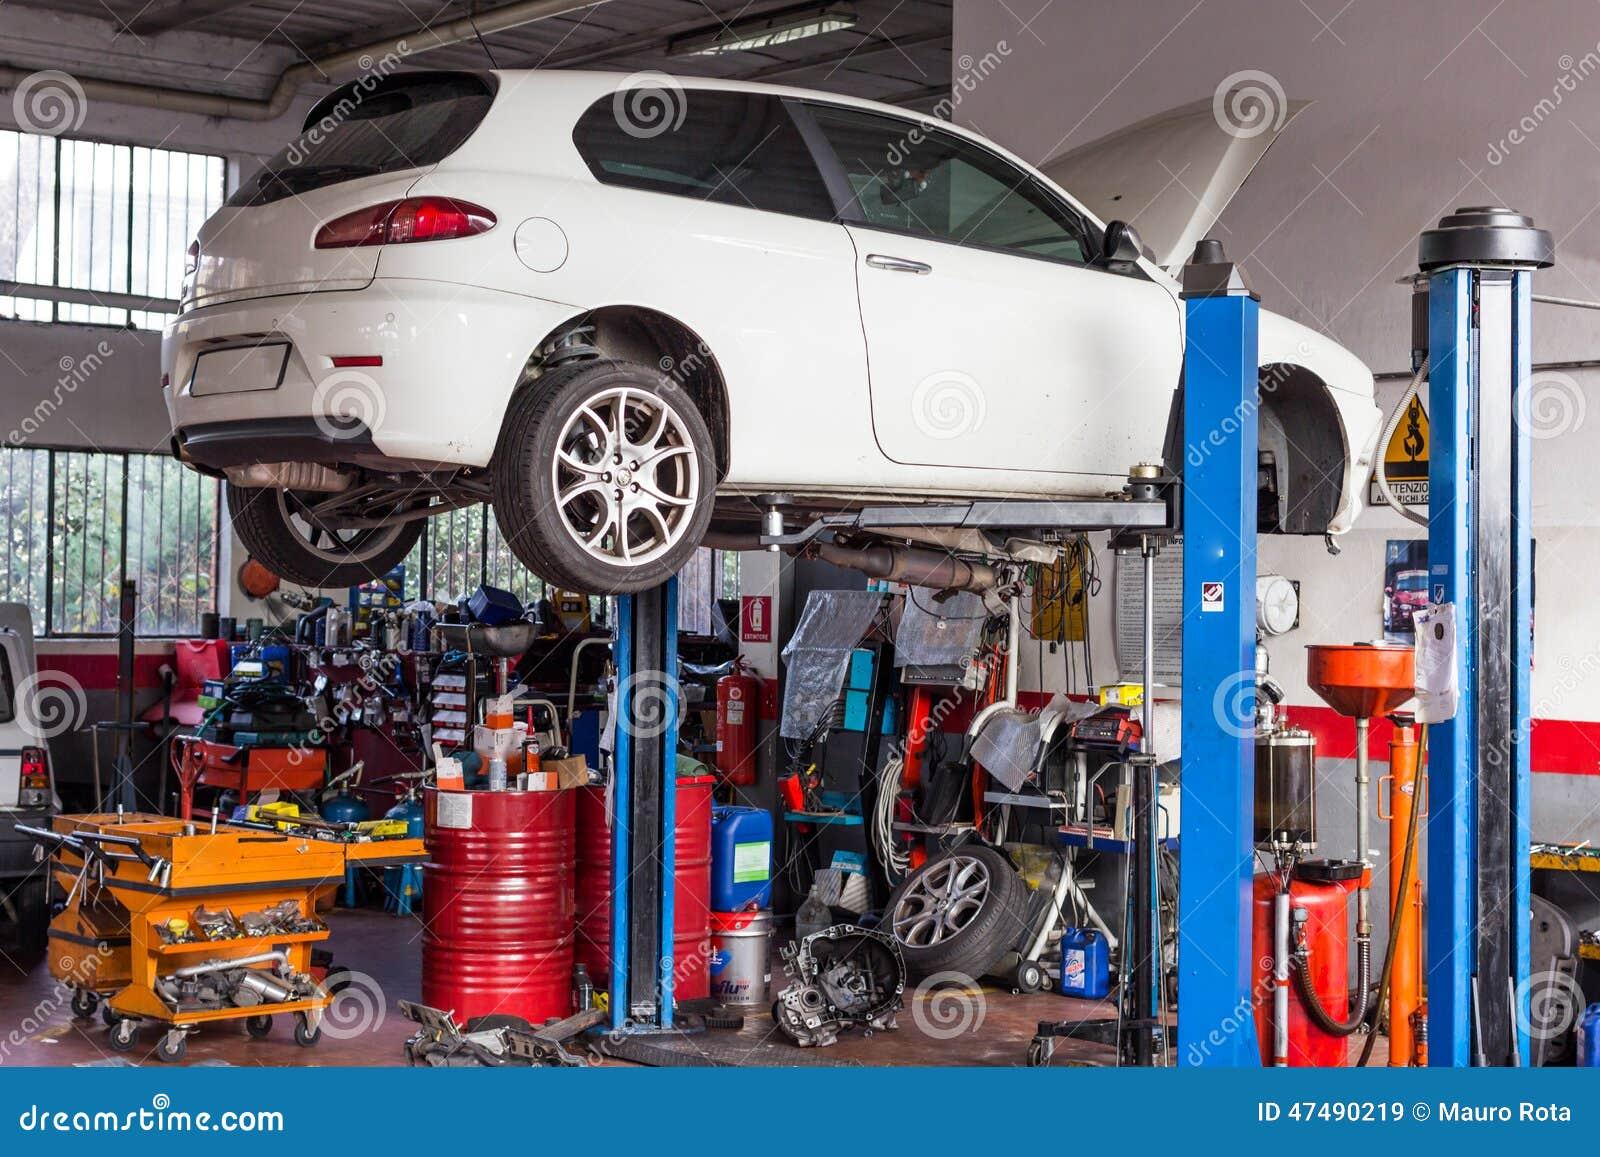 Design car repair workshop - Car Repairs Workshop